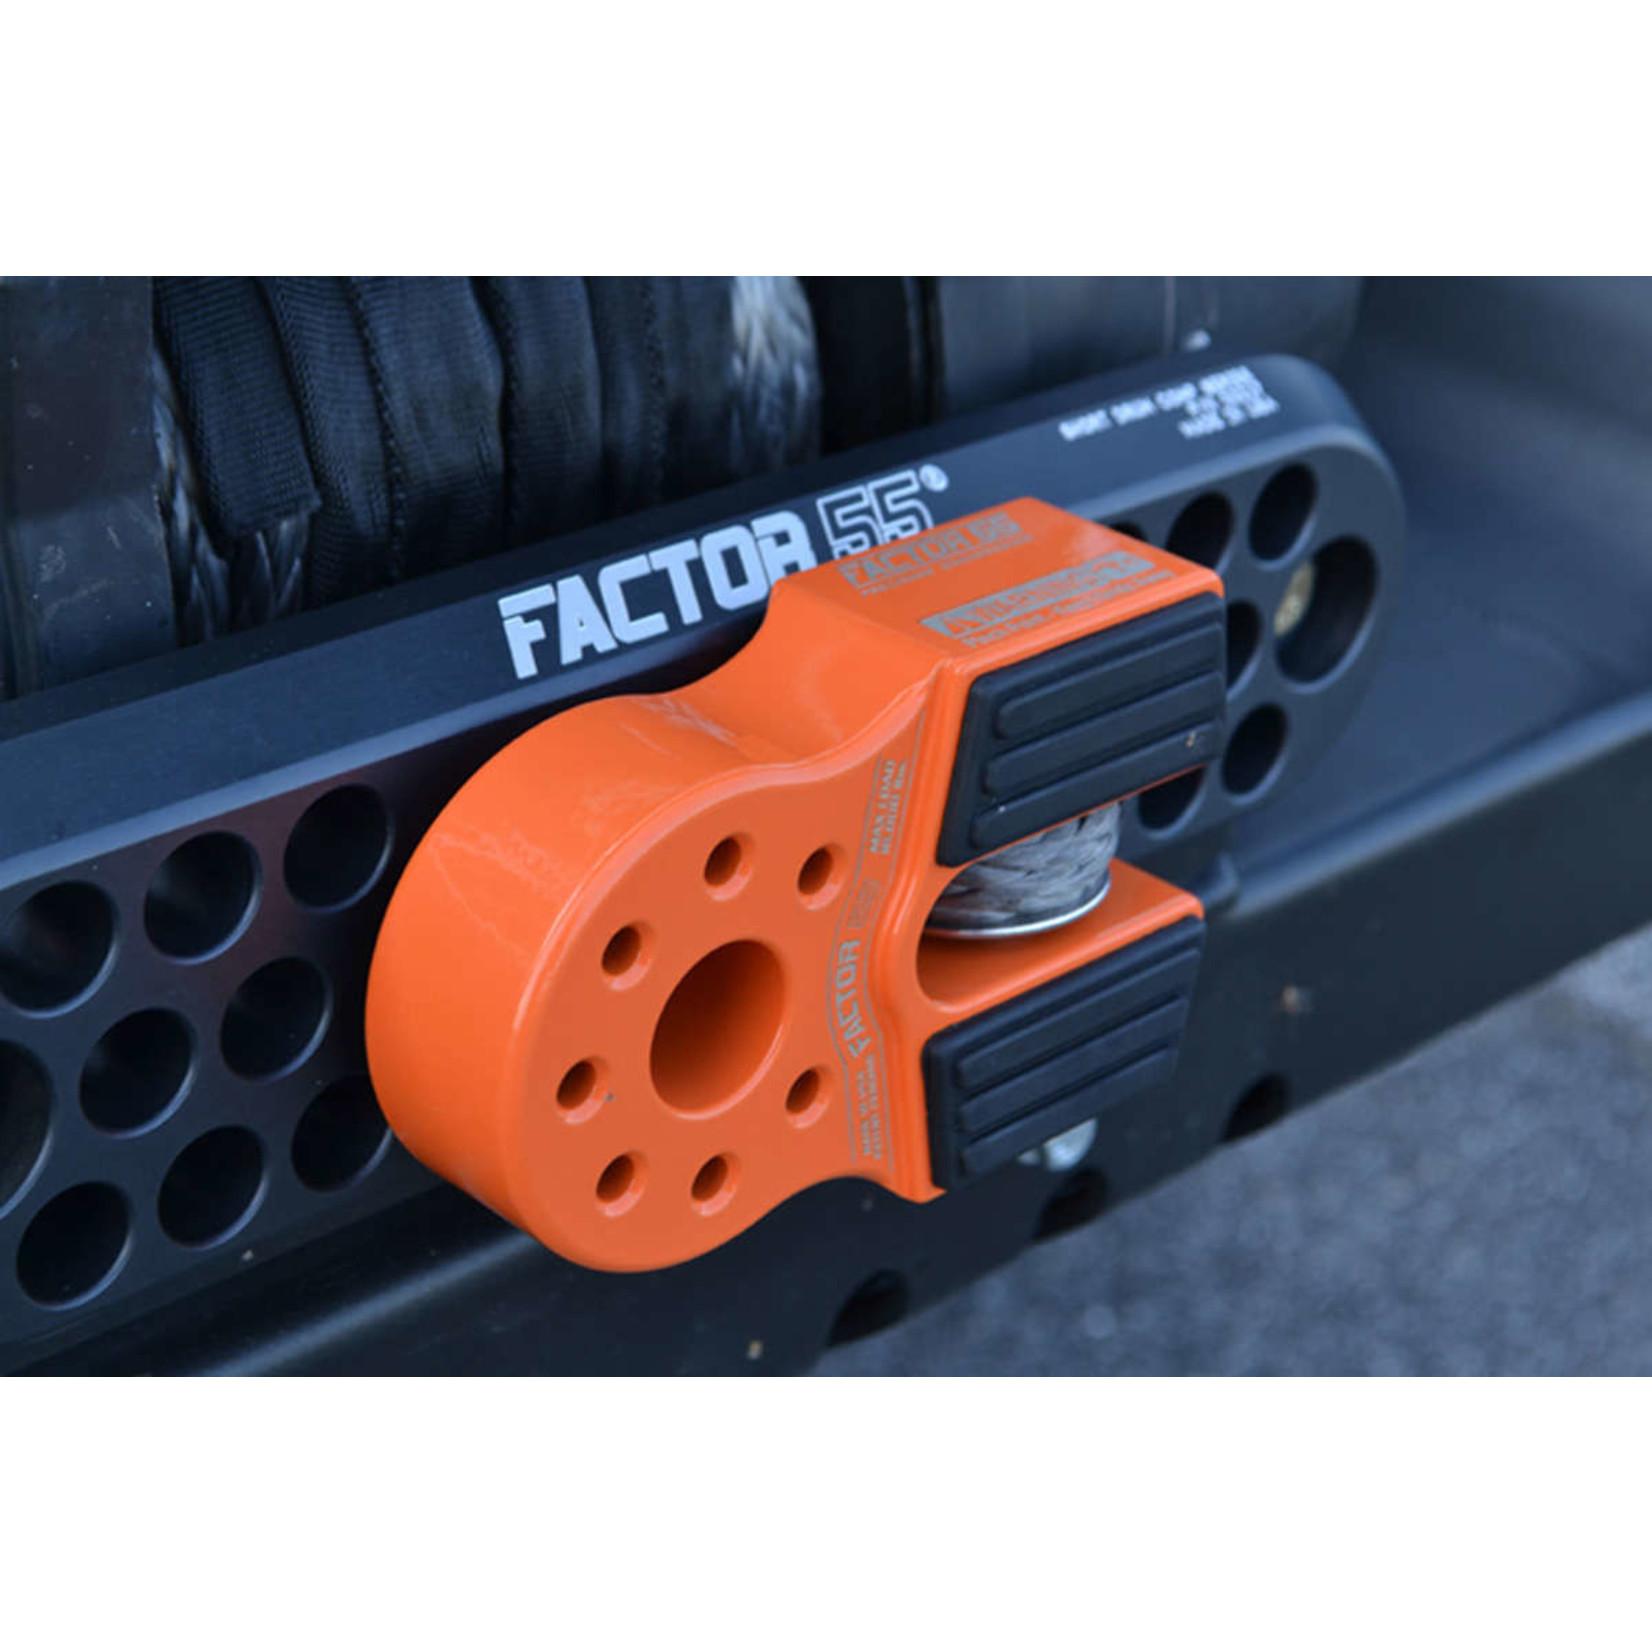 Factor 55 Factor 55 Short Drum Comp Fairlead 1.0